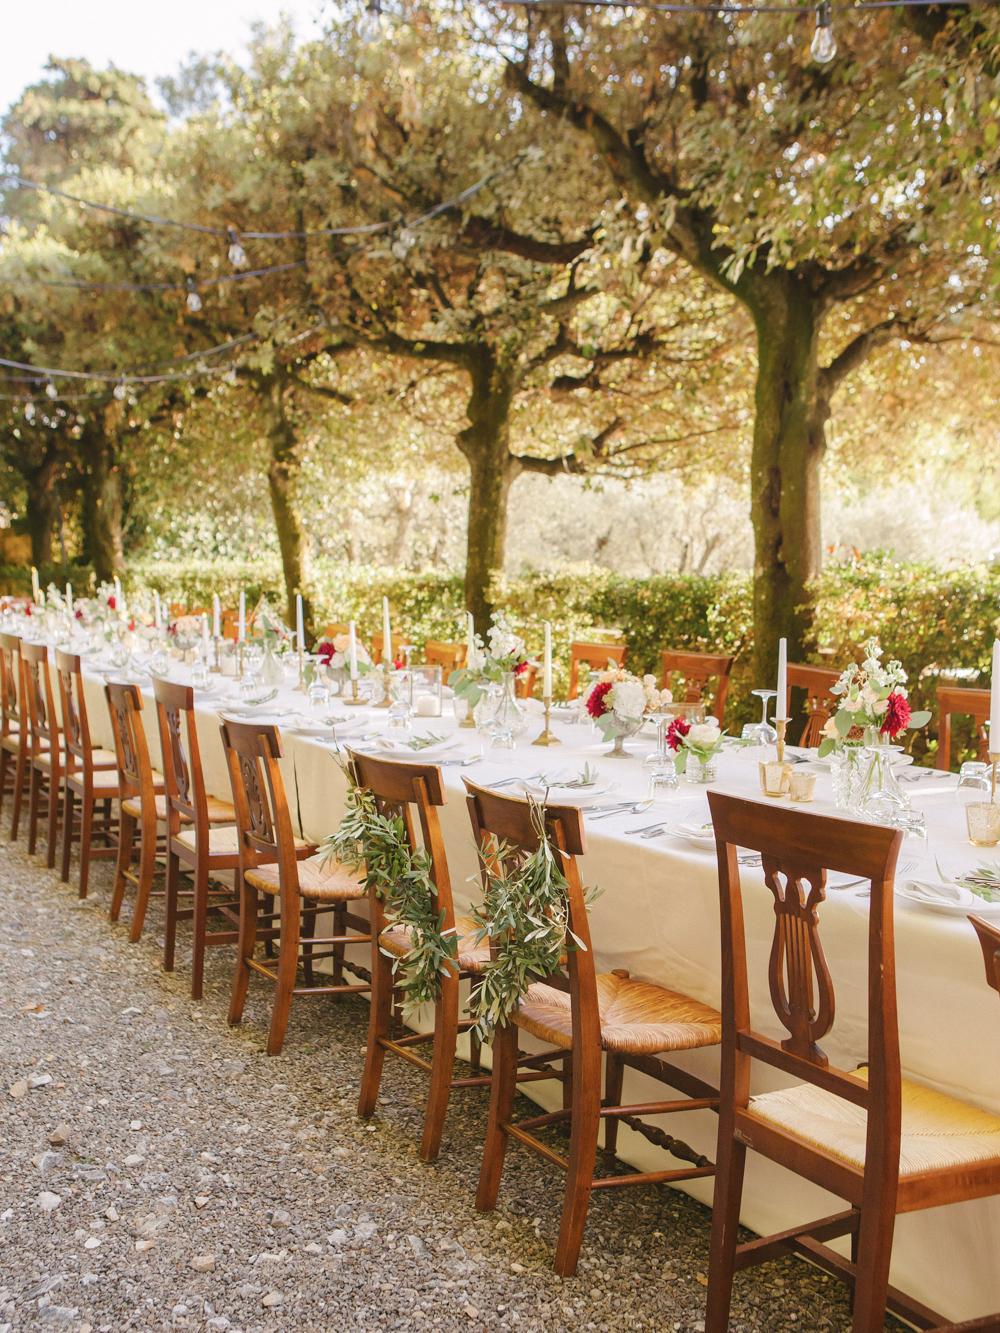 TUSCANY-INTIMATE-WEDDING--27